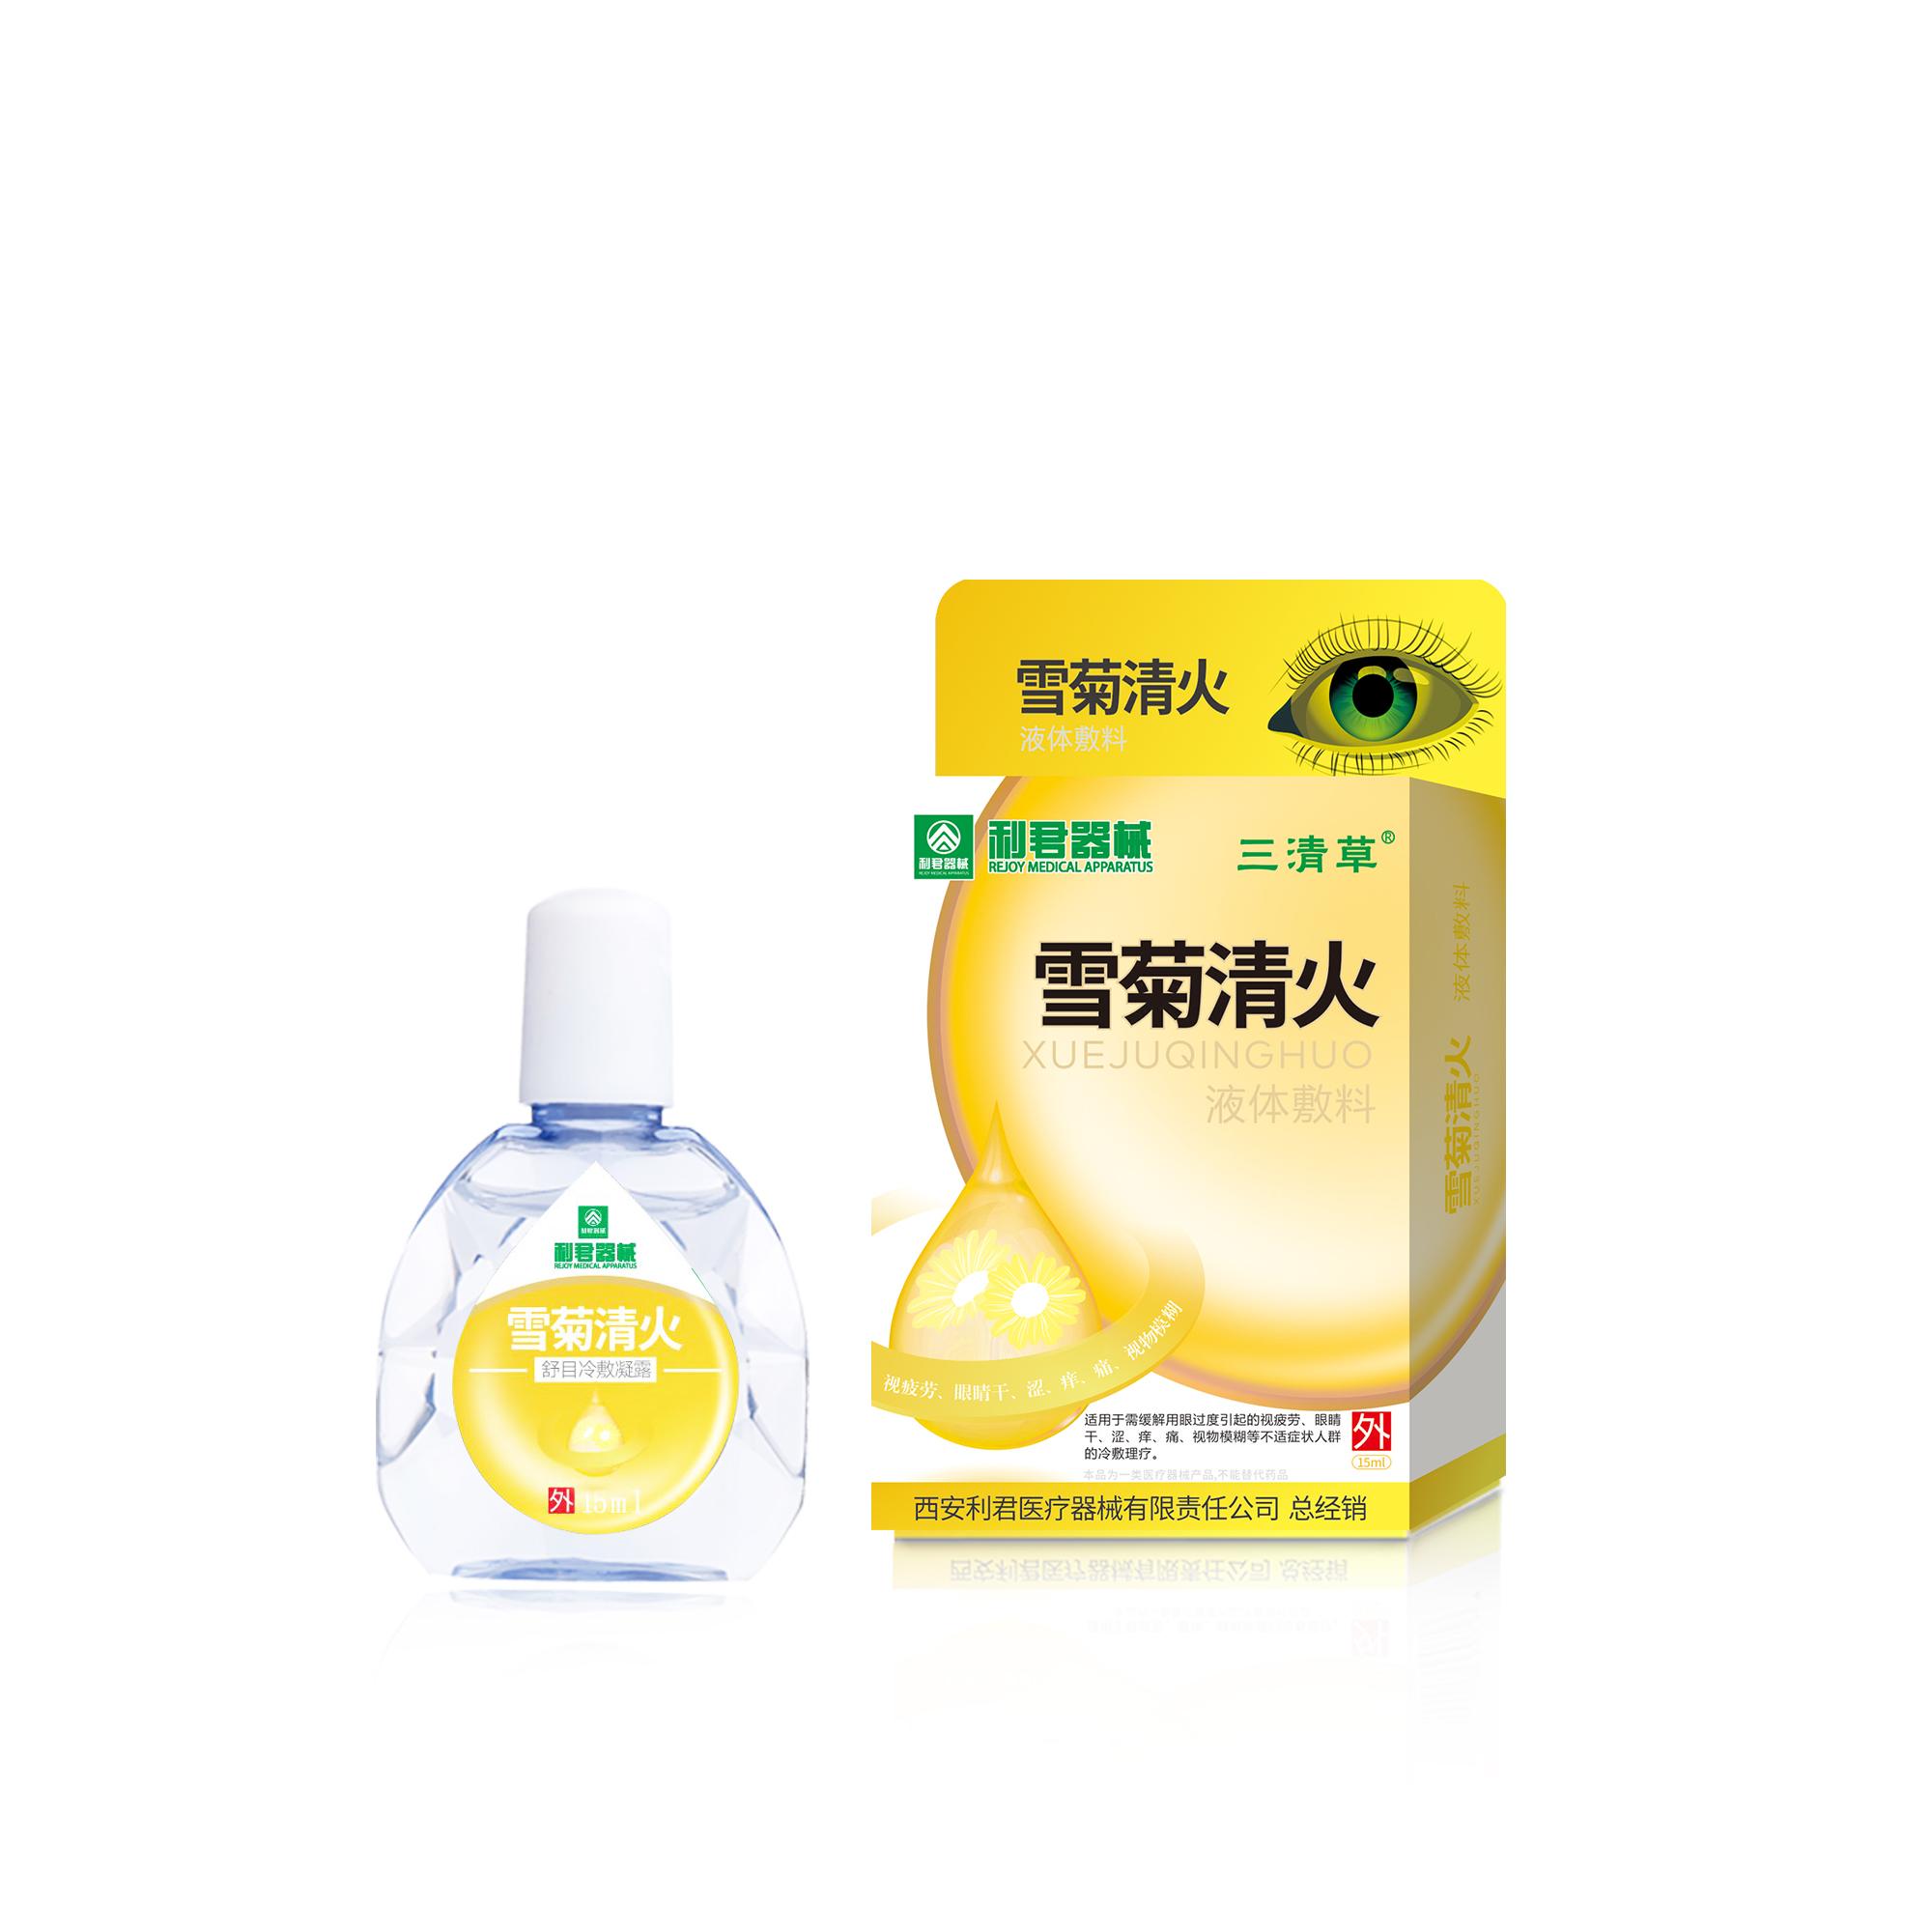 雪菊清火眼药水(液体敷料)